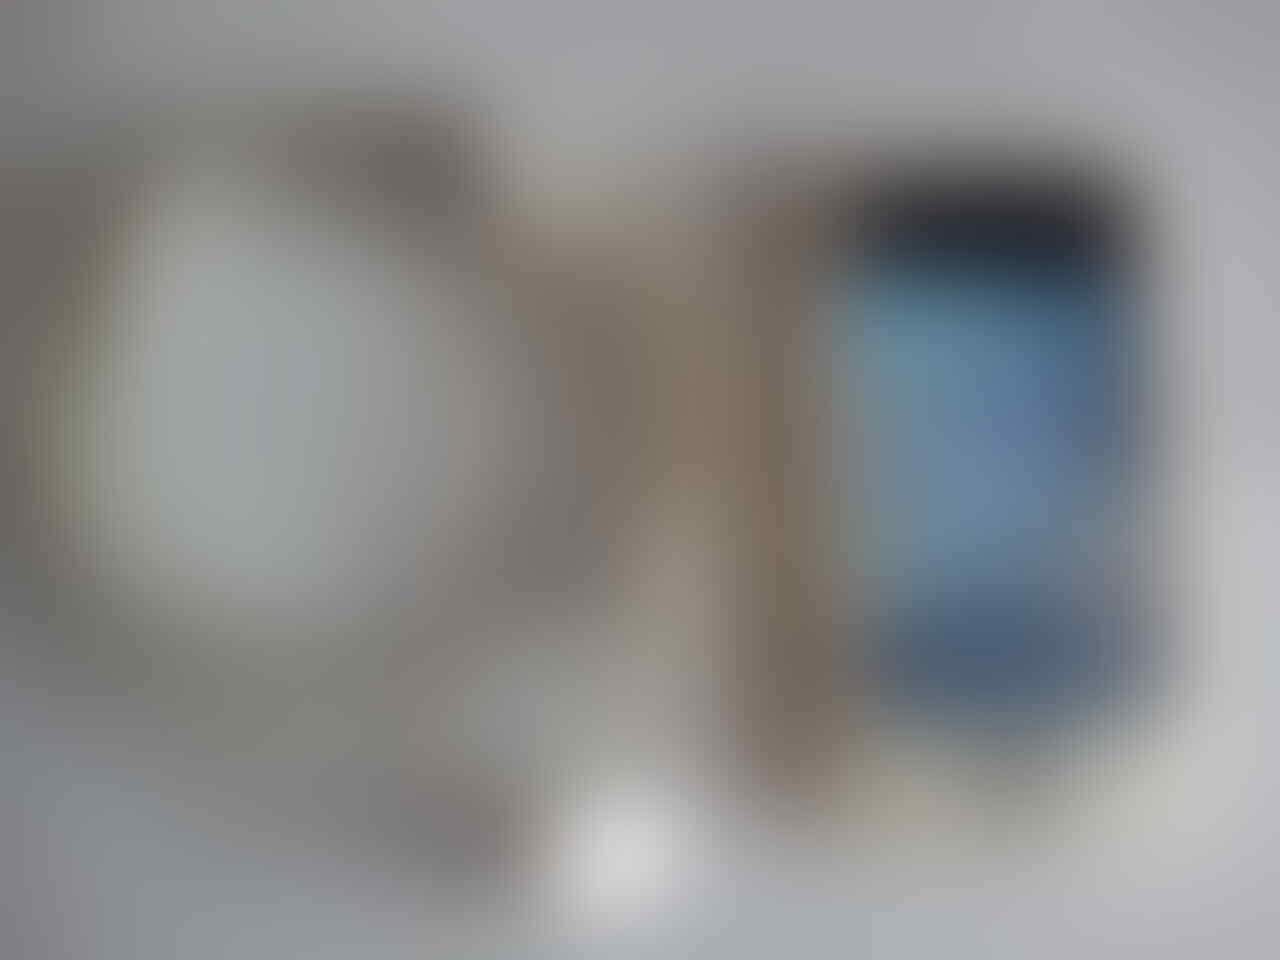 ipod touch gen 4 8G jogja/purworejo